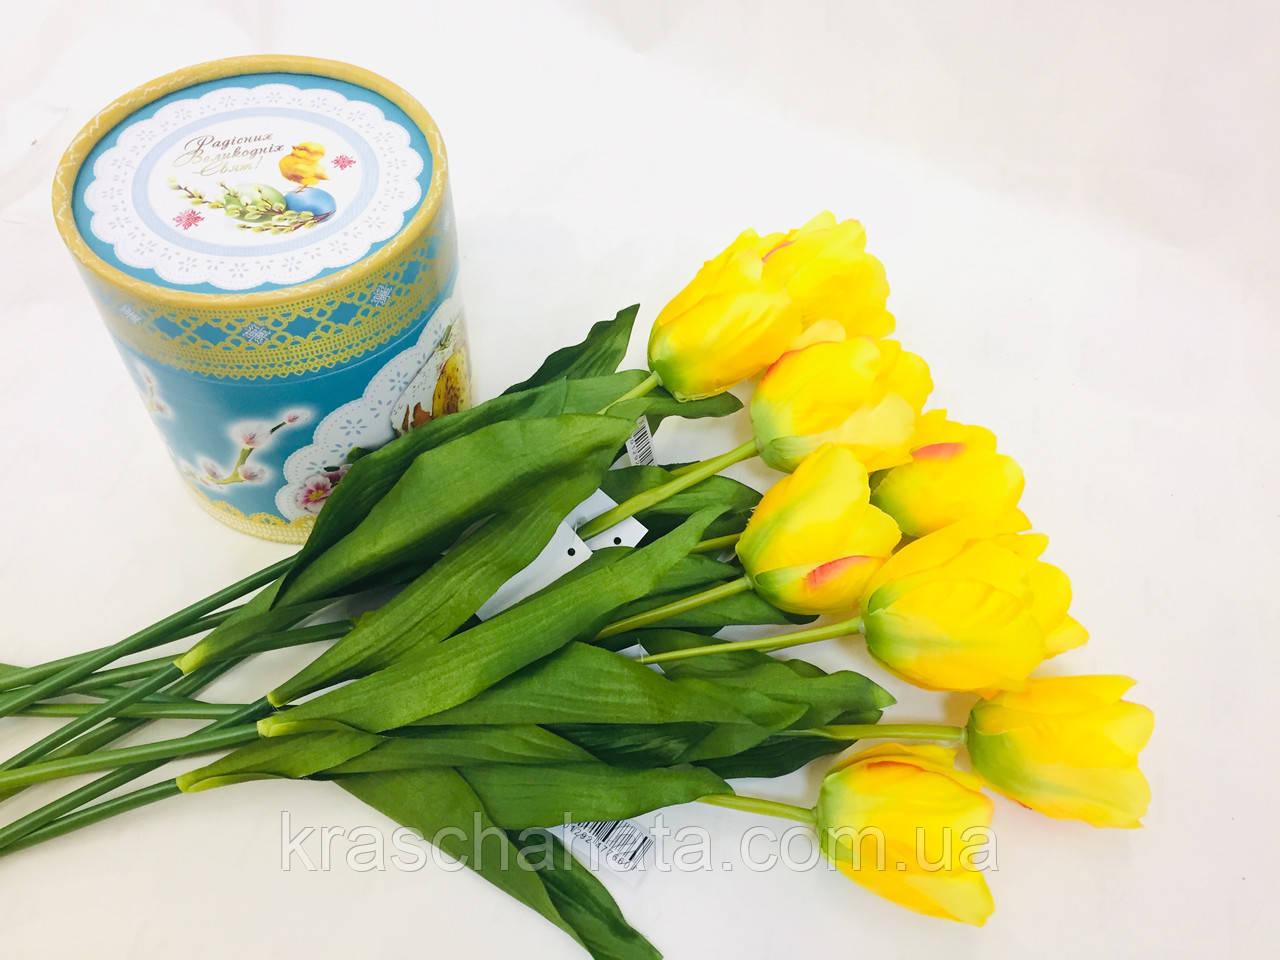 Цветок искусственный, Тюльпан желтый, H 60см, Искусственные цветы, Днепр